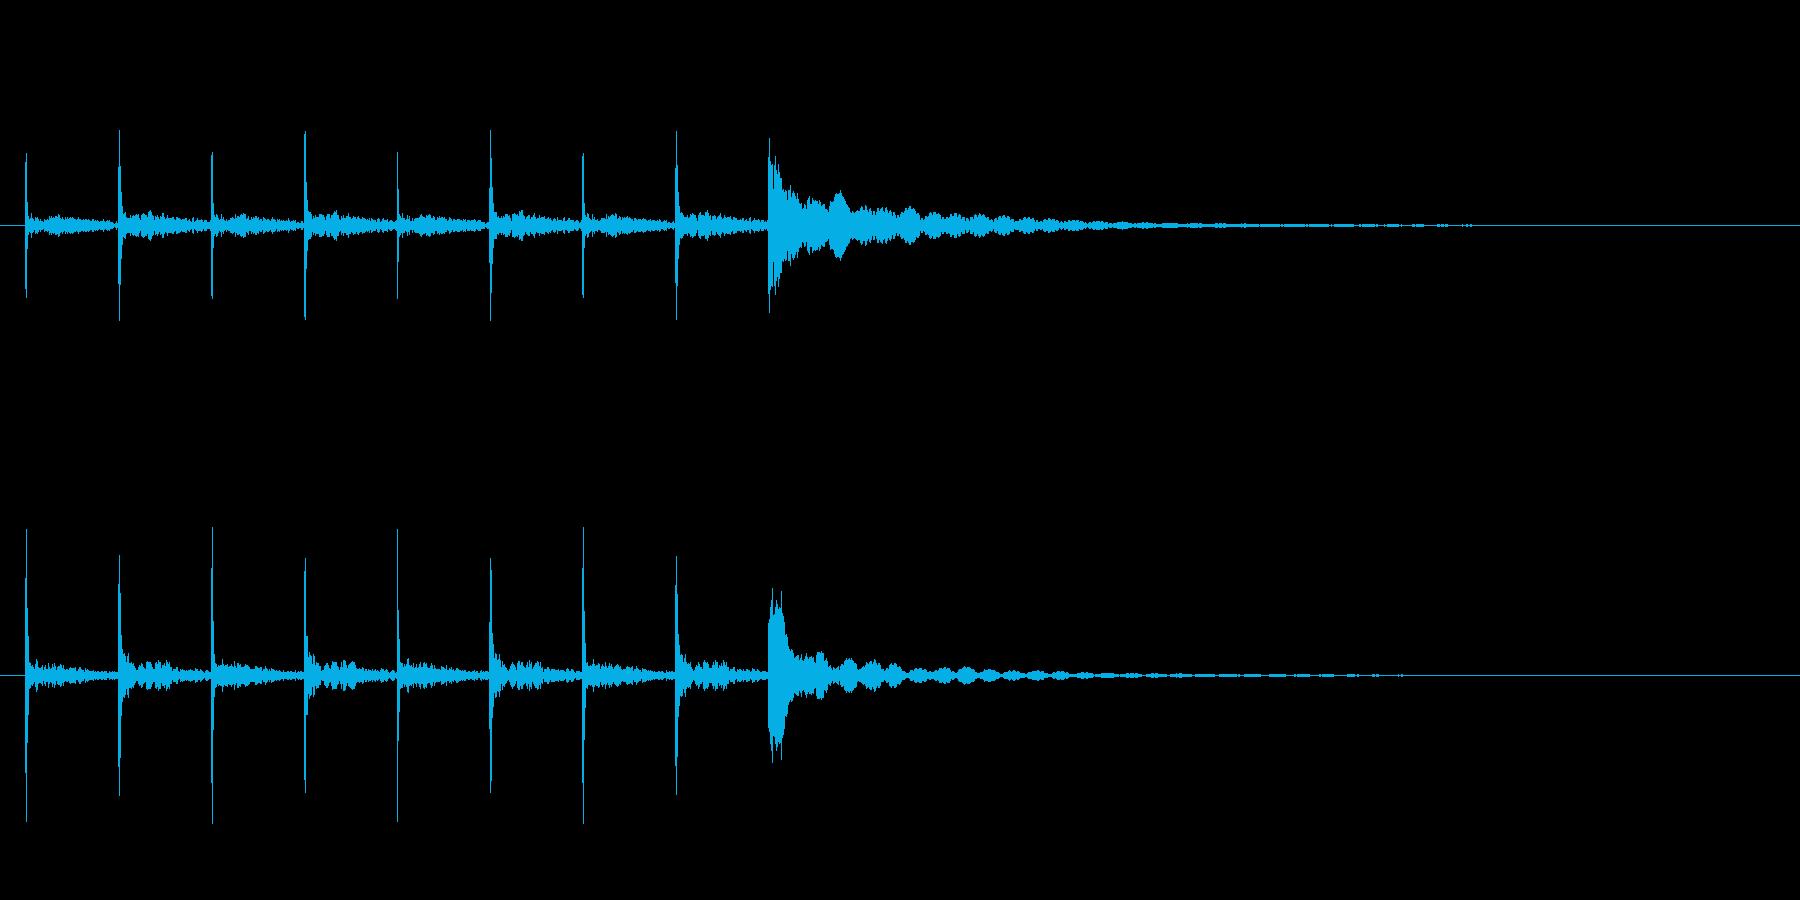 木魚ポクポクチーン約5秒シンキングタイムの再生済みの波形